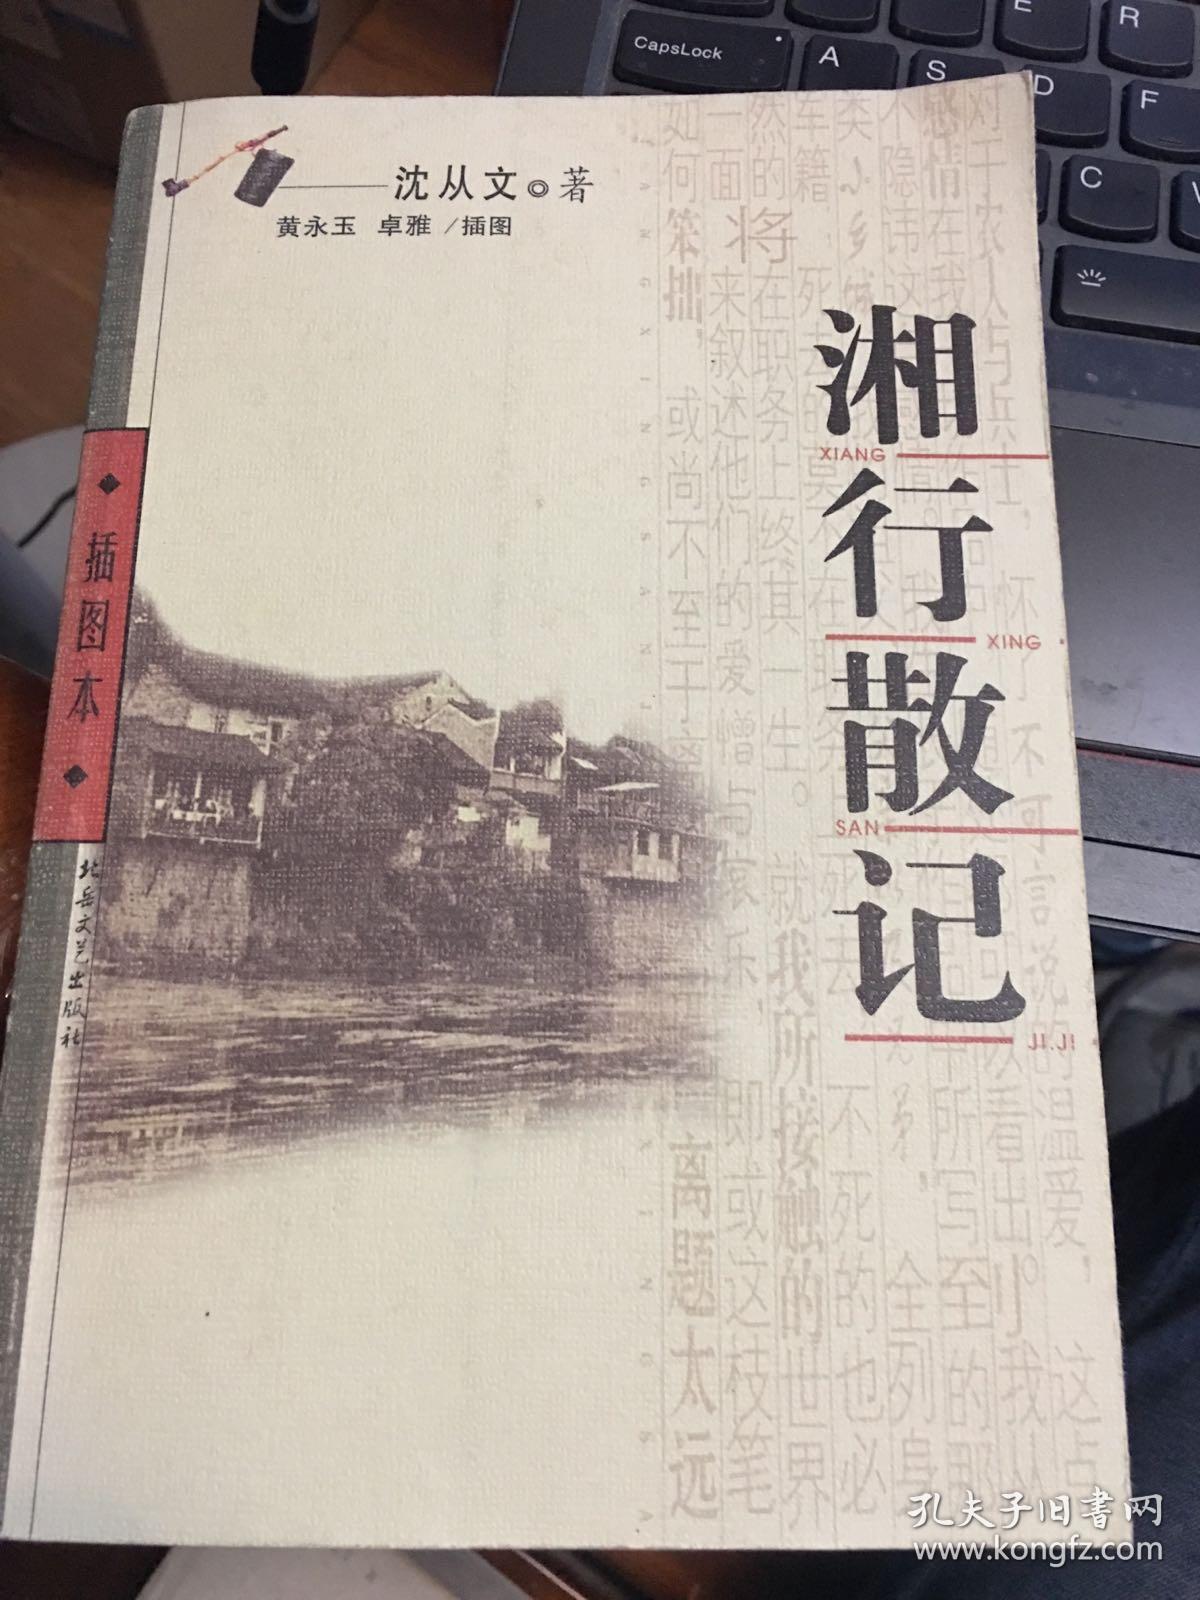 湘行散记(插图本)黄永玉.卓雅/插图图片